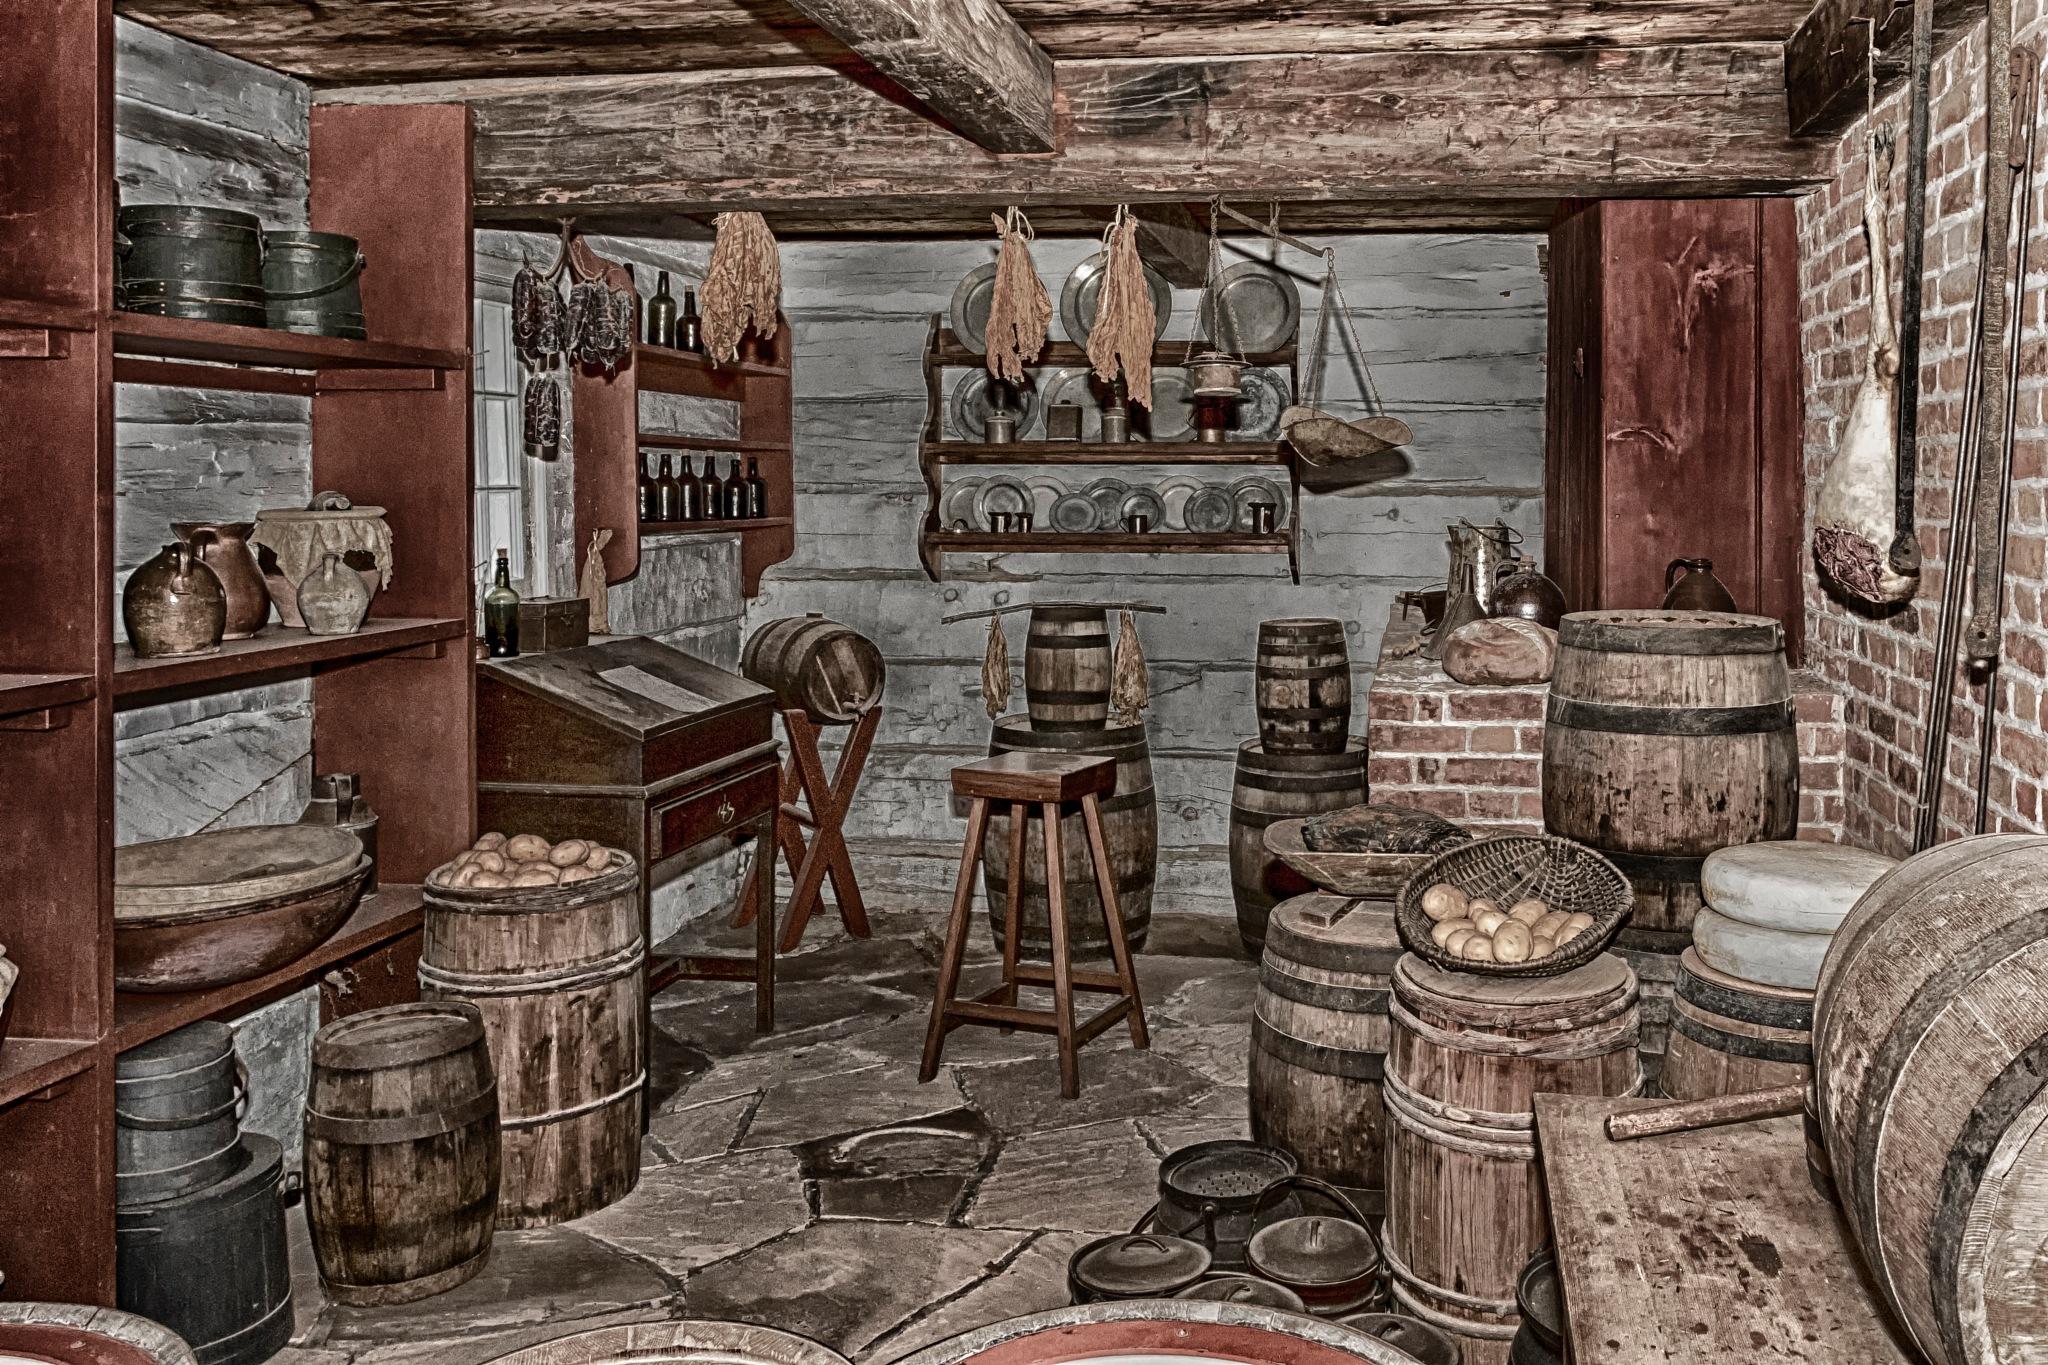 1812 Olde Kitchen  by Joe Chrvala